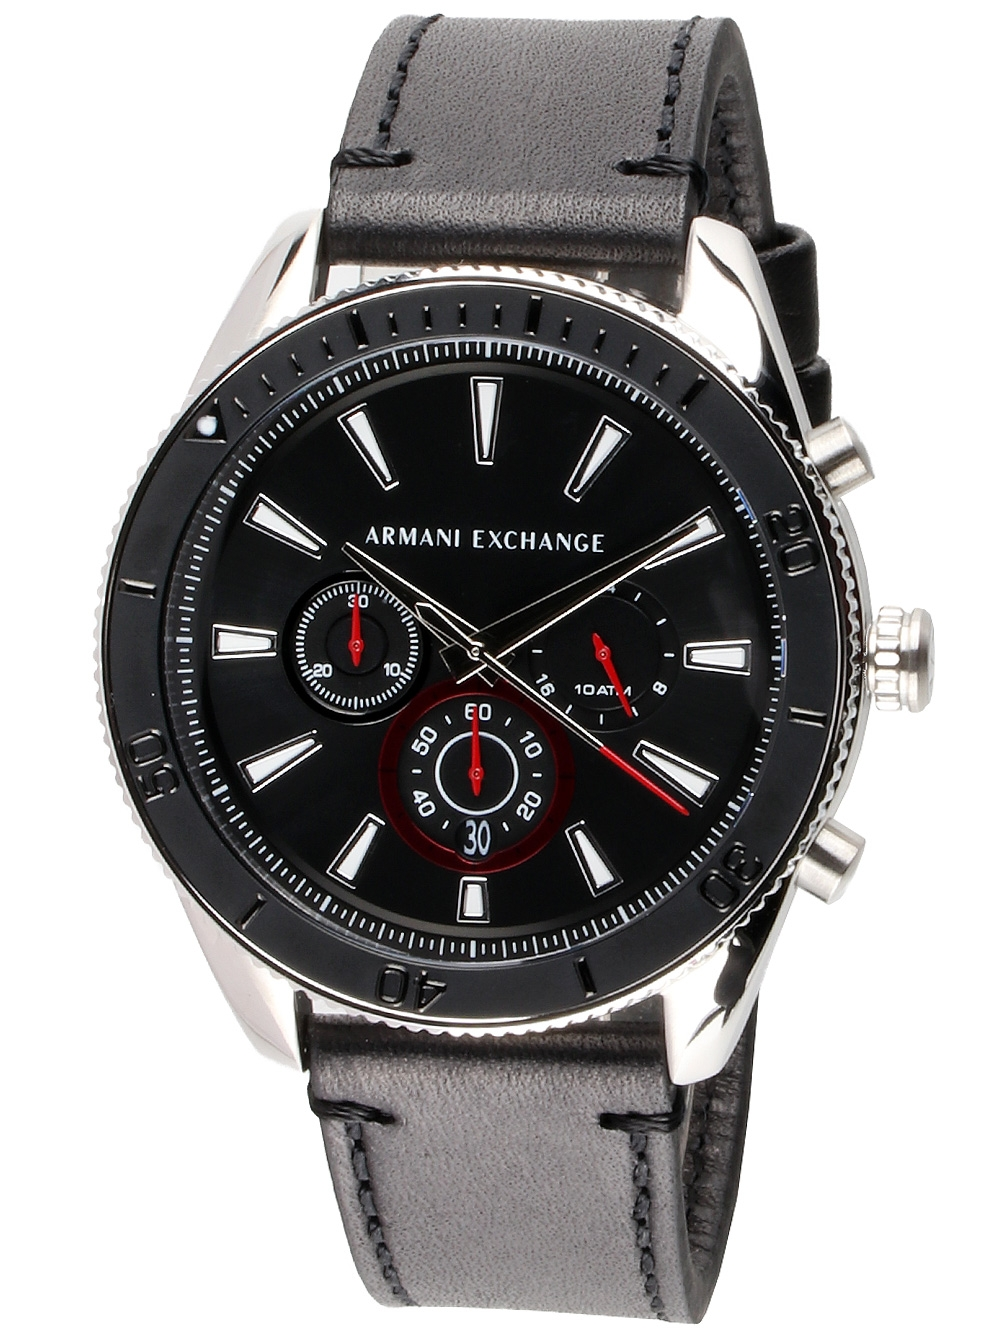 Armani Exchange AX1817 Enzo Chronograph 45mm 10ATM